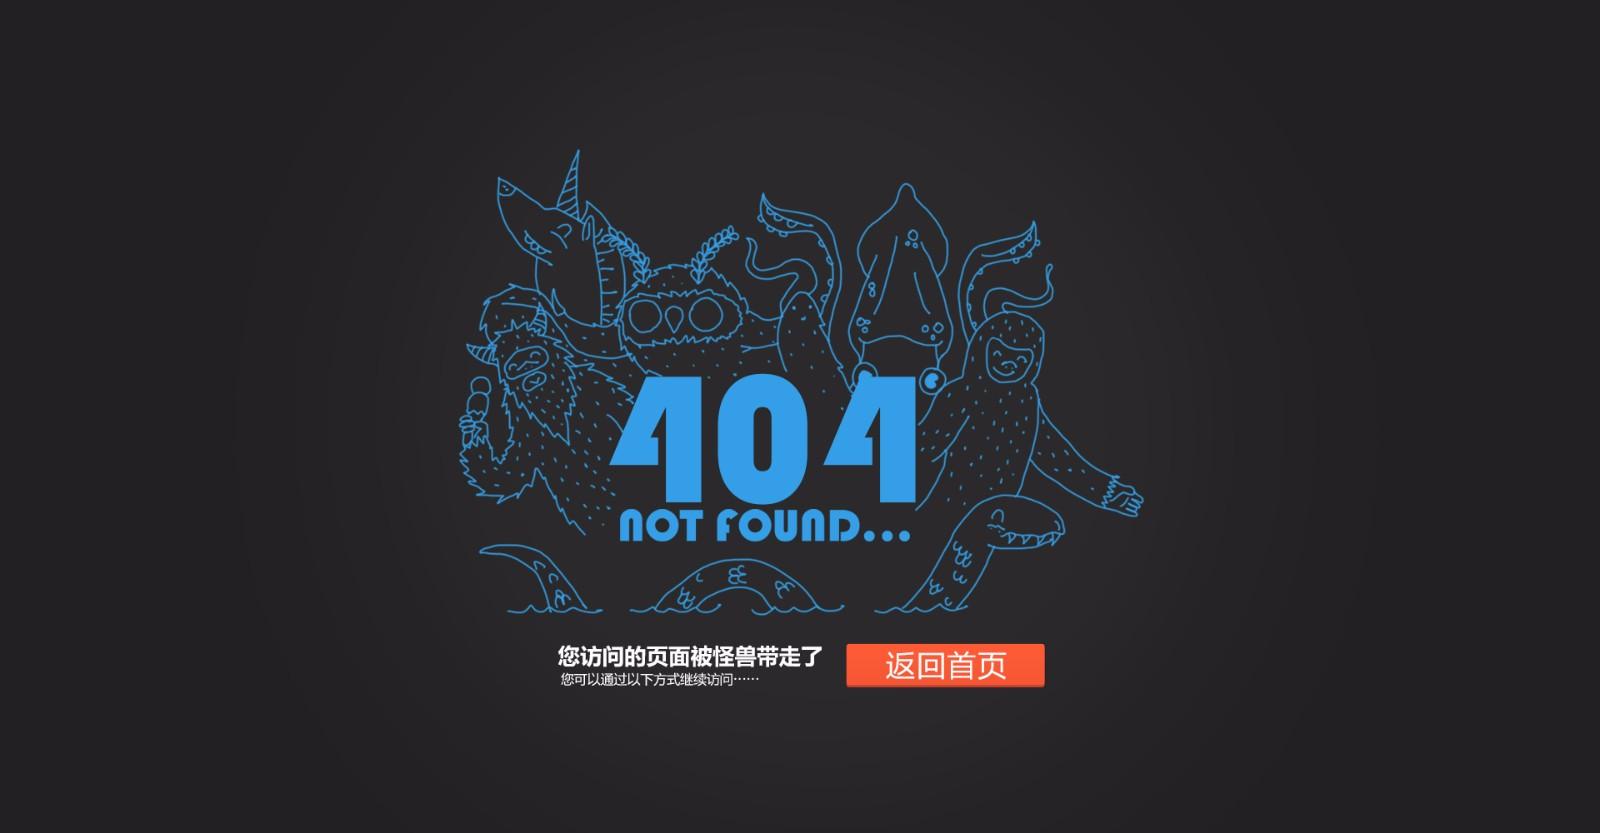 网页404 not found